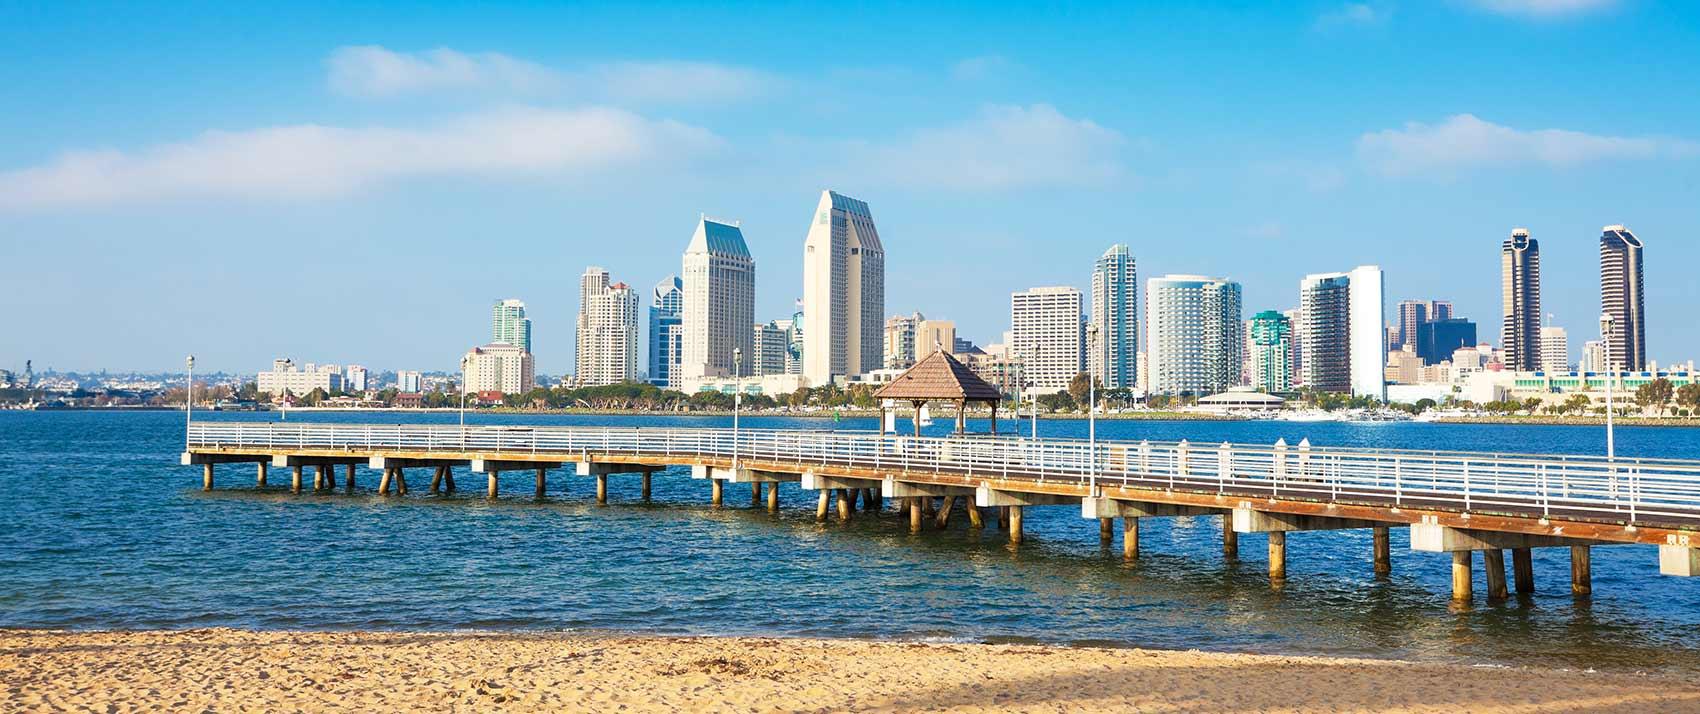 Hoteles en San Diego buenos, bonitos y baratos